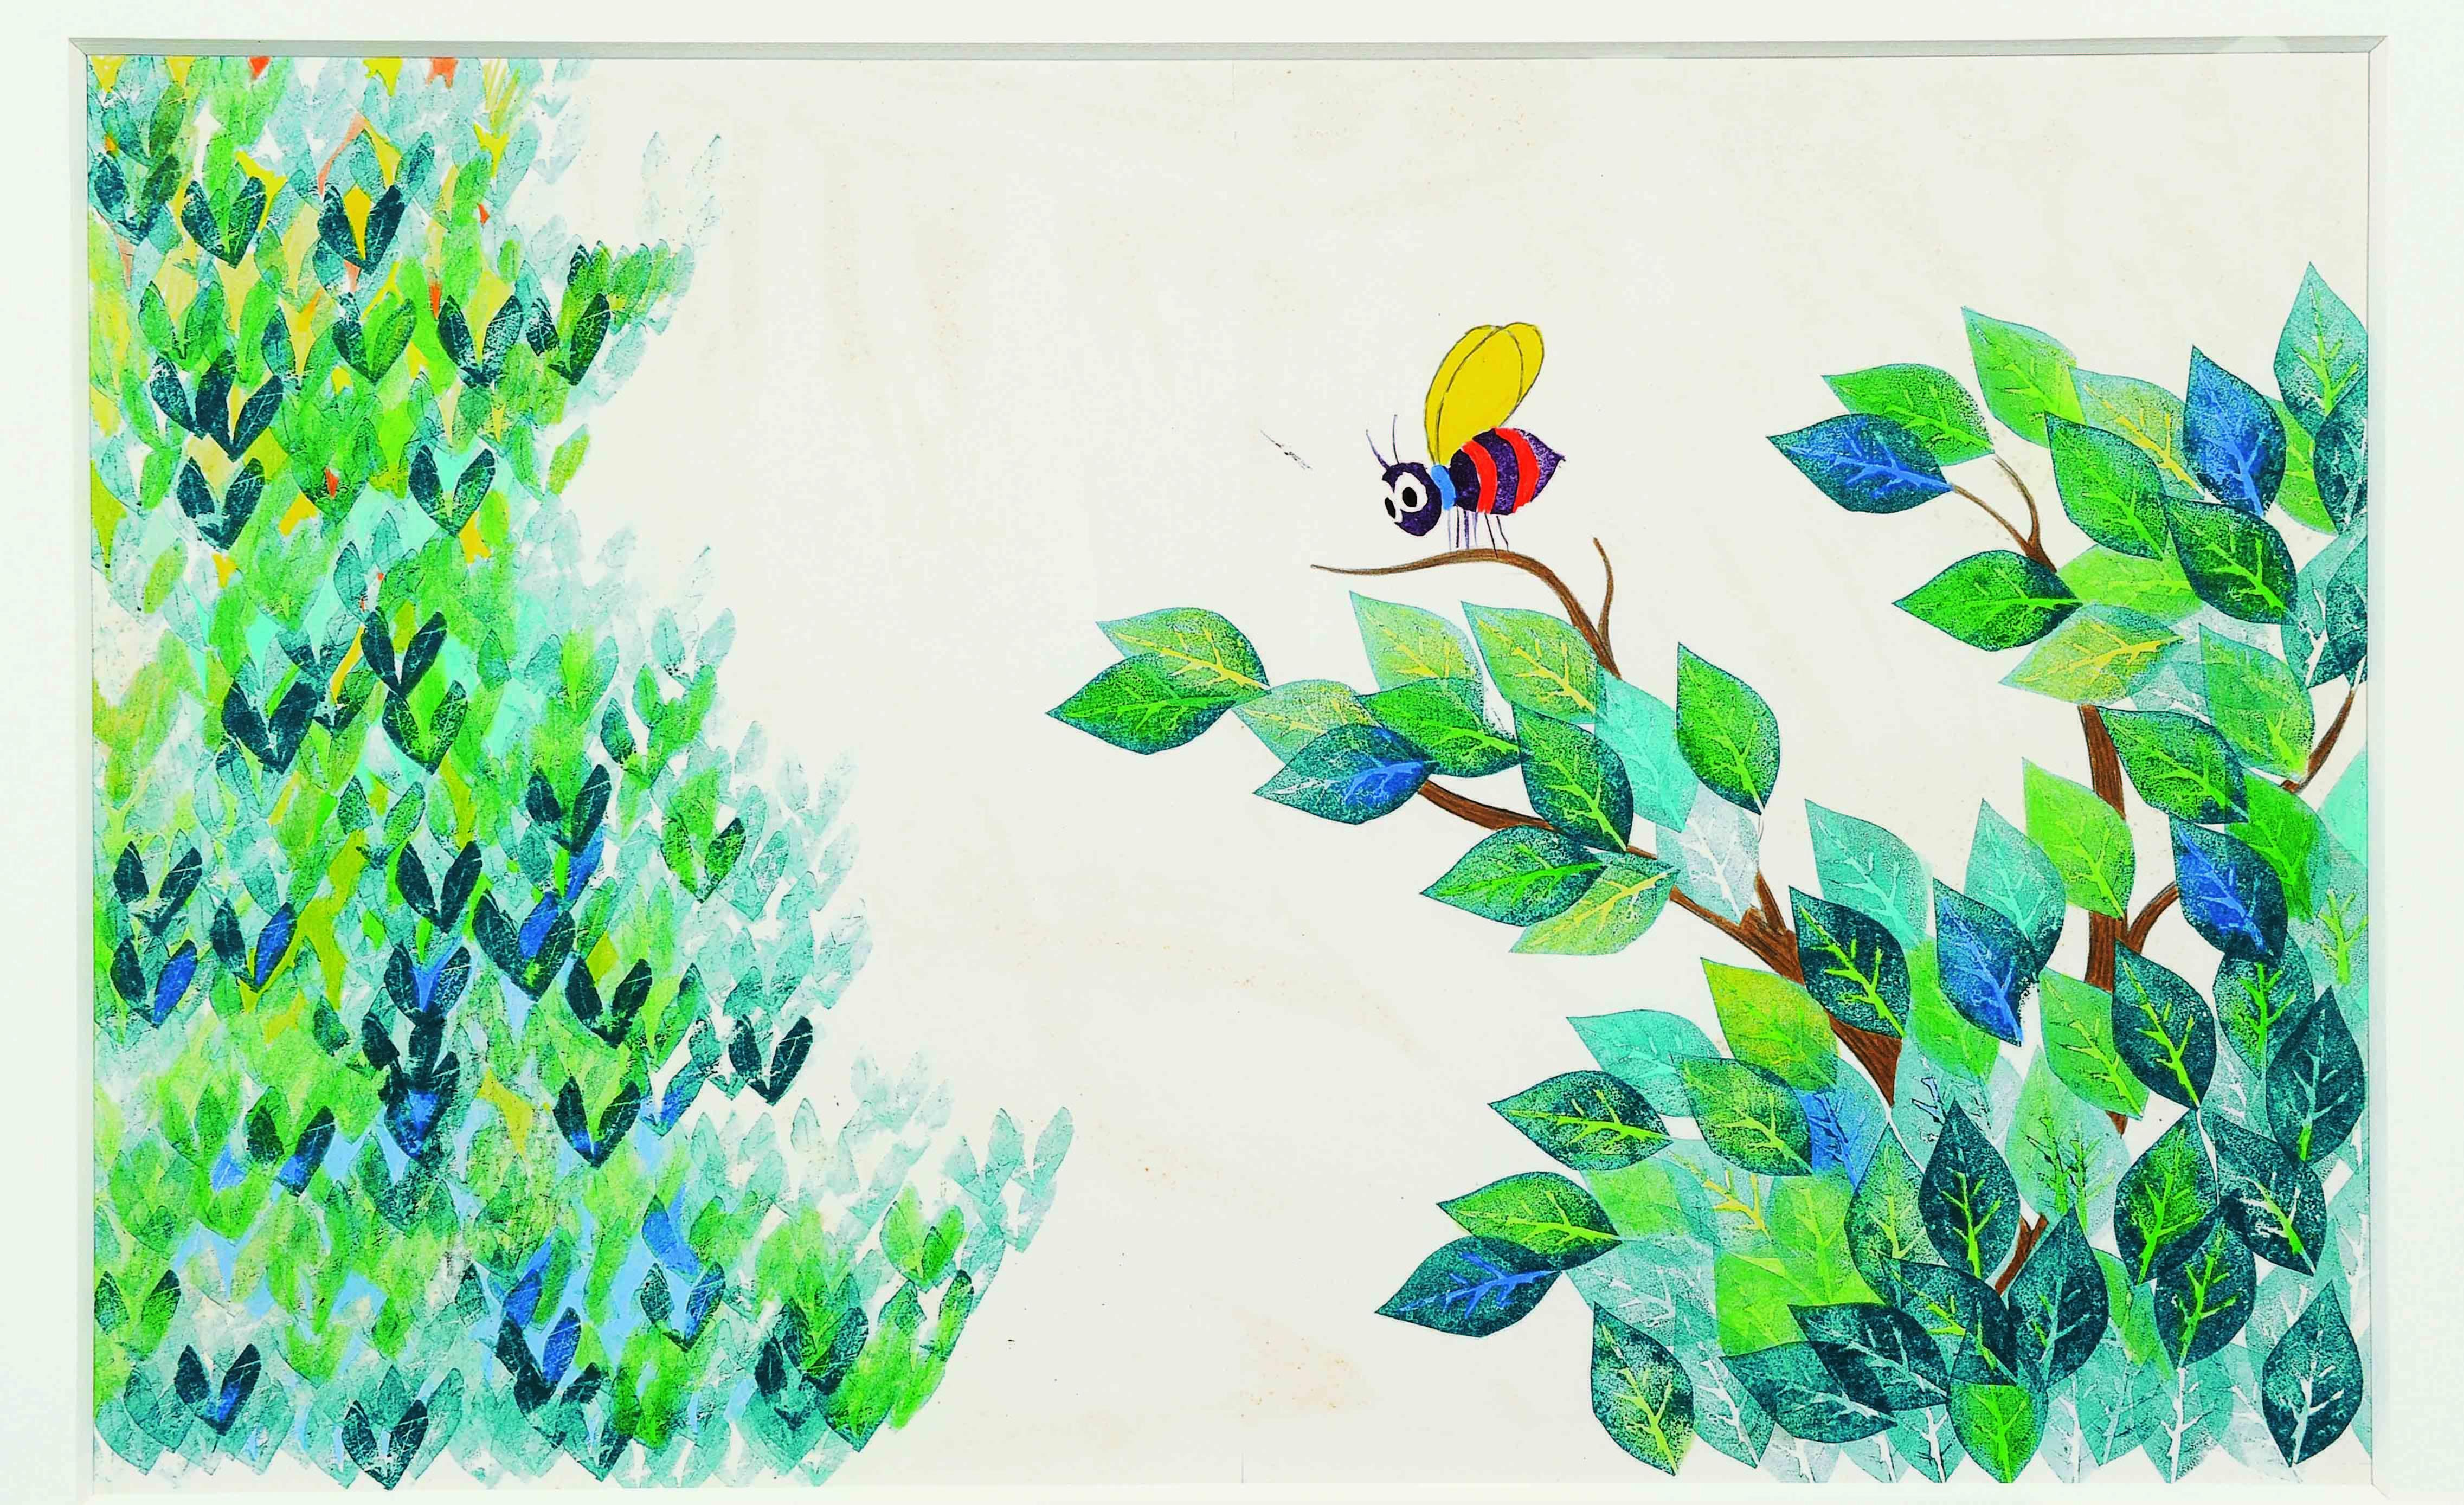 「あいうえおのき」 1968年 水彩、紙 51×63.6cm The Alphabet Tree (C)1968, renewed  1996 by Leo Lionni / Pantheon Works by Leo Lionni, On Loan By The Lionni Family